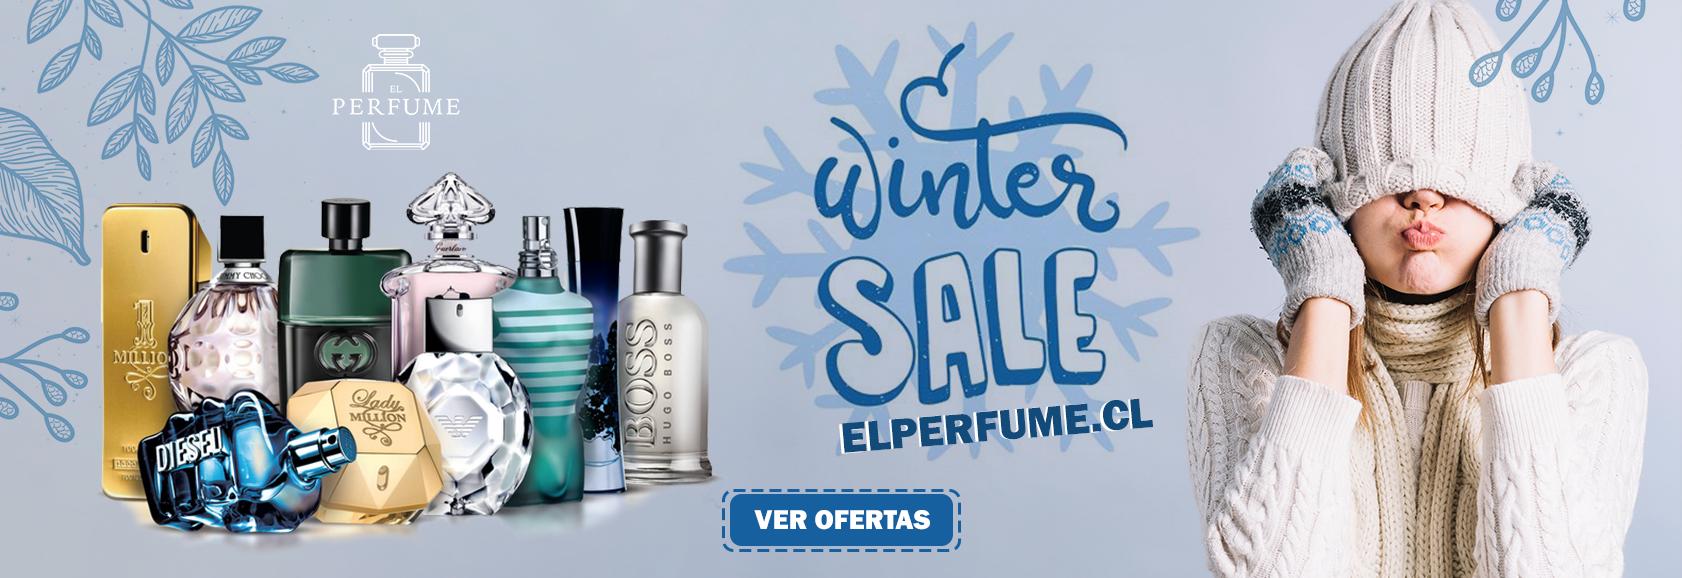 ofertas de invierno